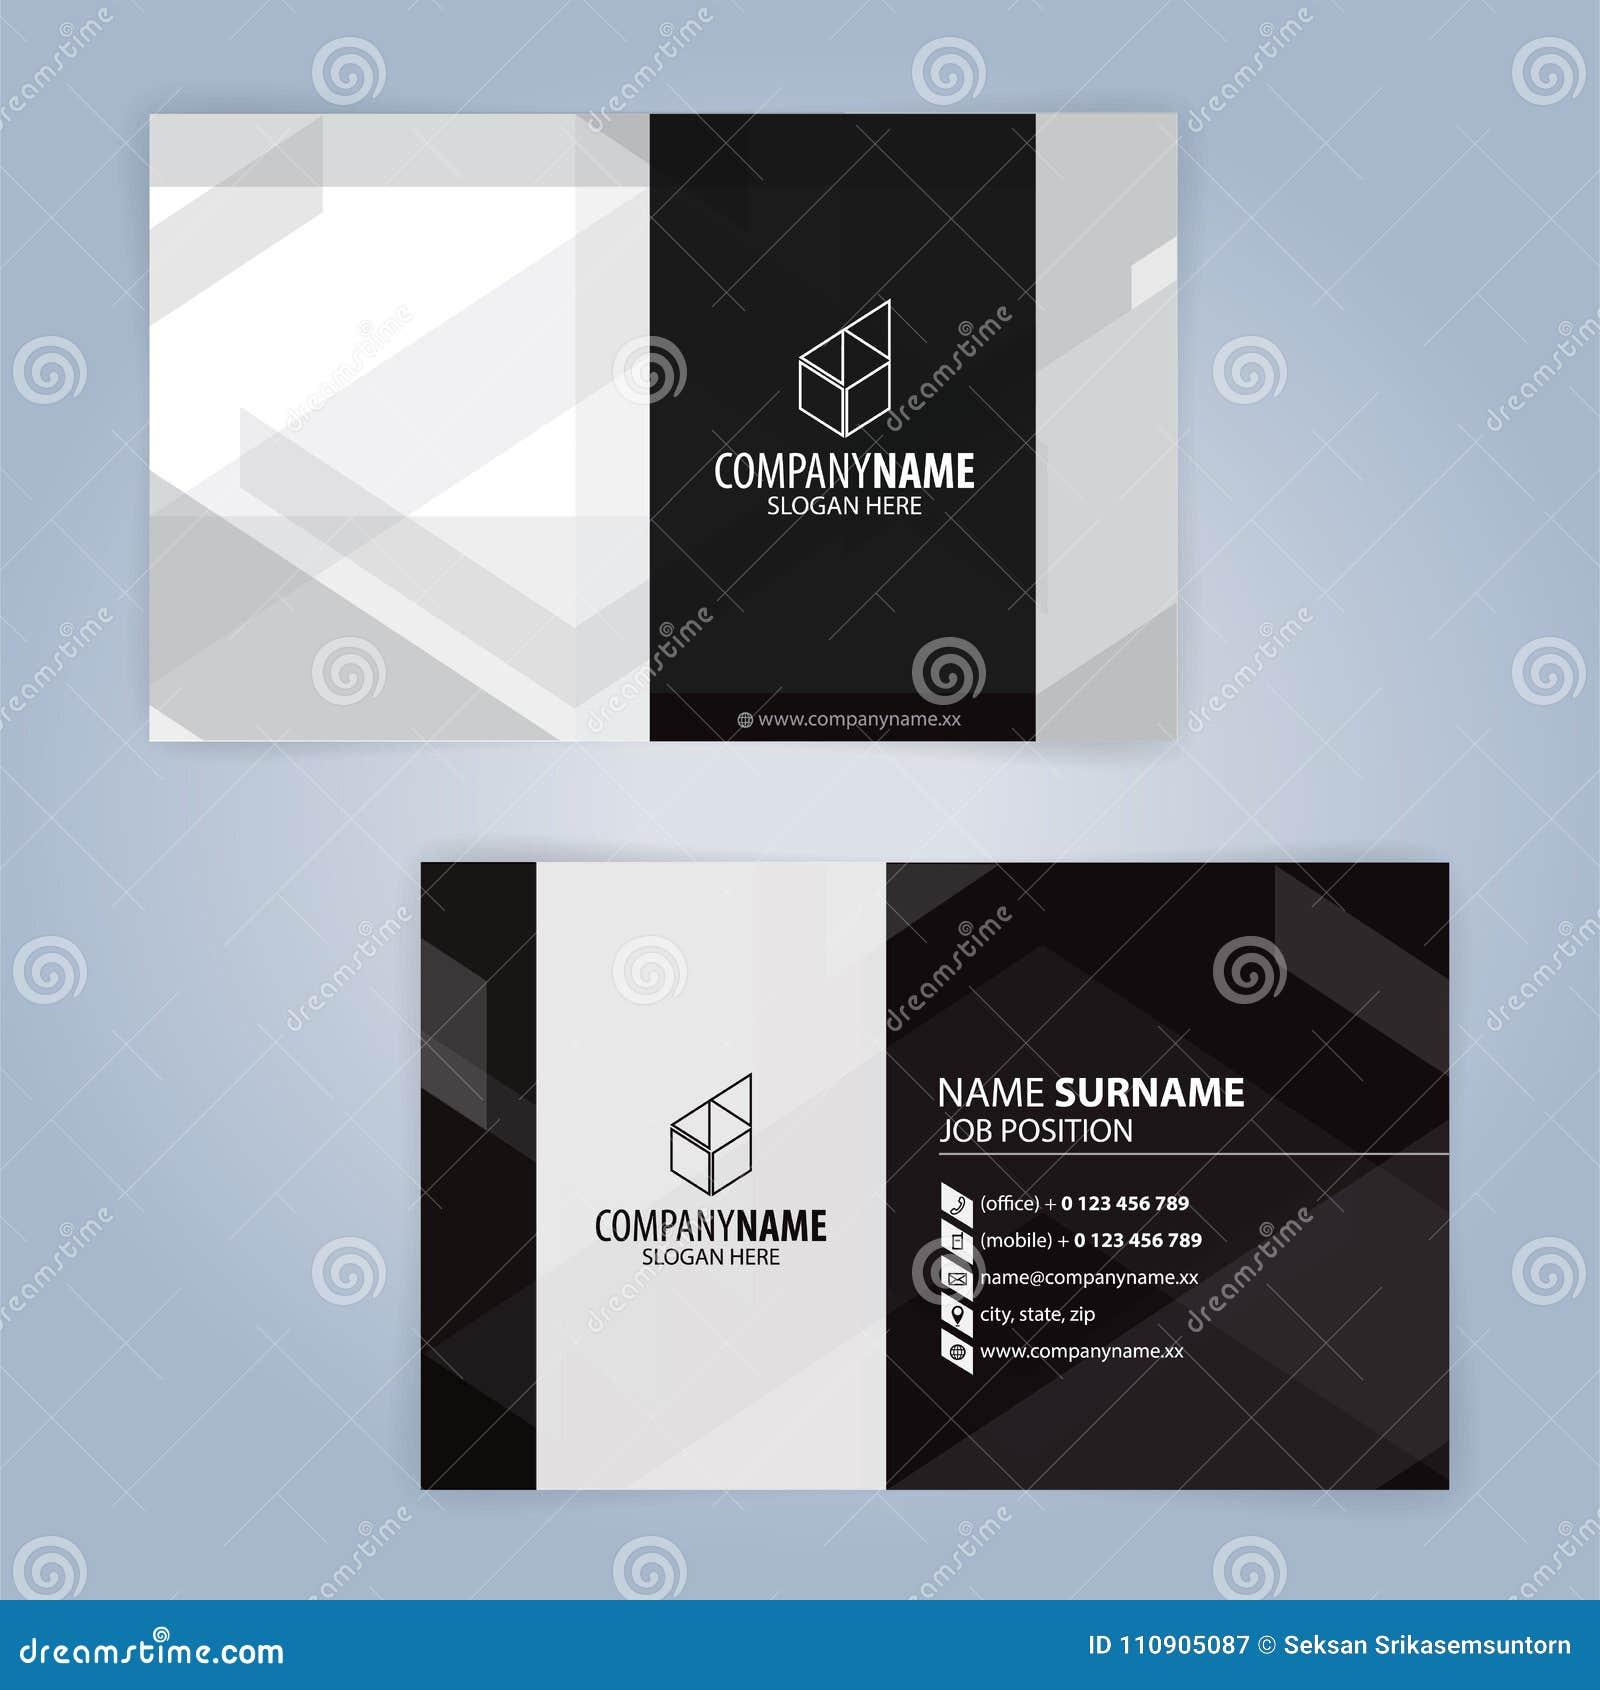 Dynamique Modle De Carte Visite Dentreprise Moderne Clip